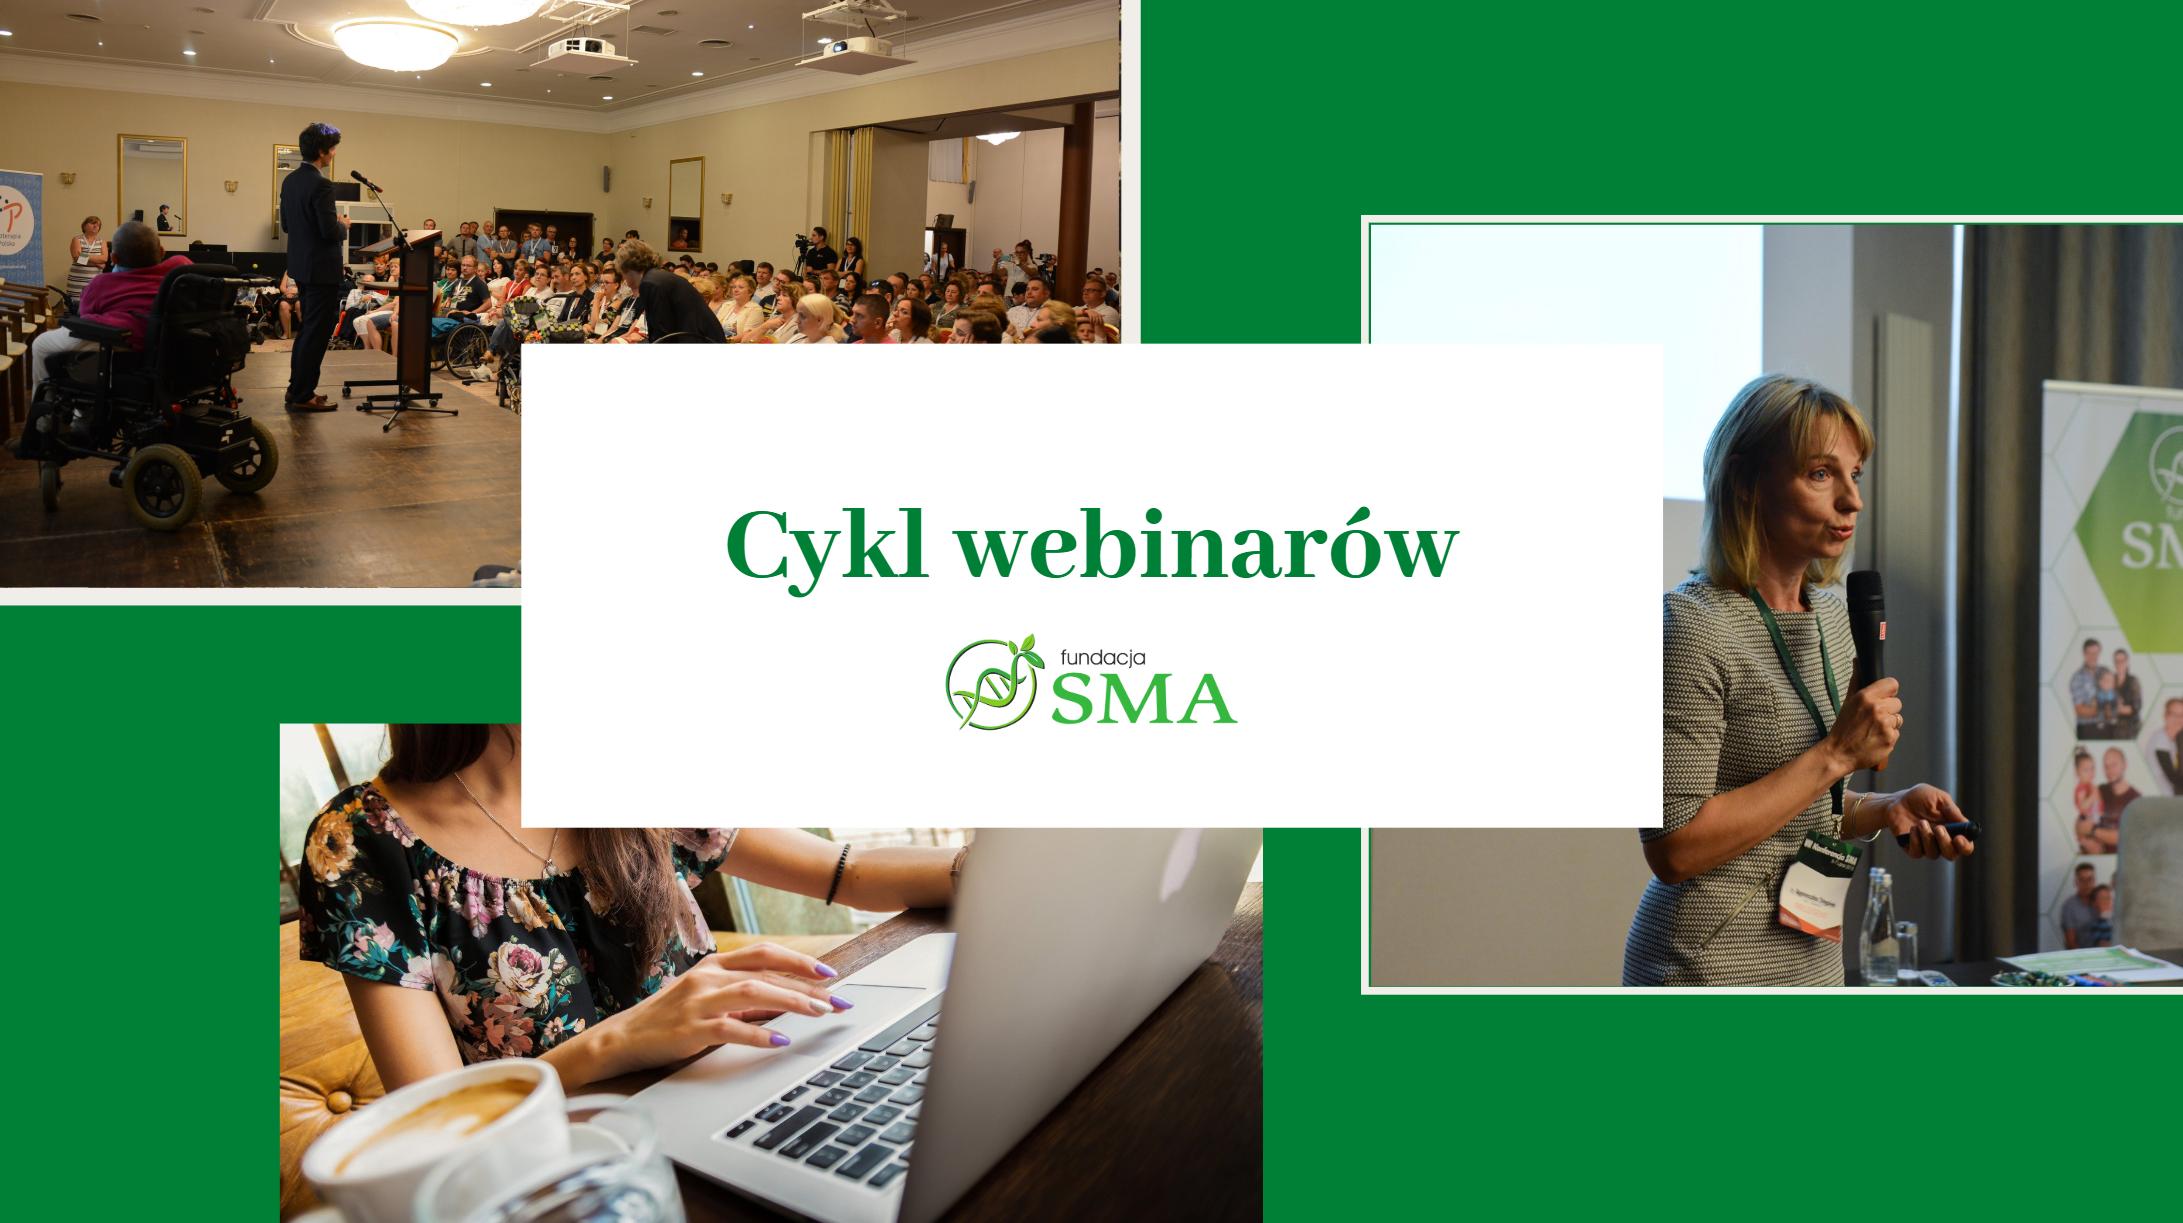 Cykl Webinarów Fundacji SMA